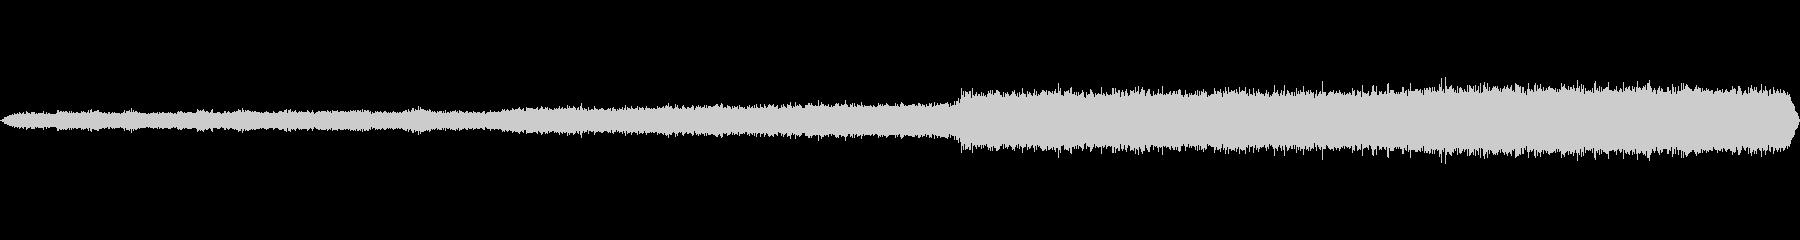 環境音 河床夜明けのチャープ増加01の未再生の波形